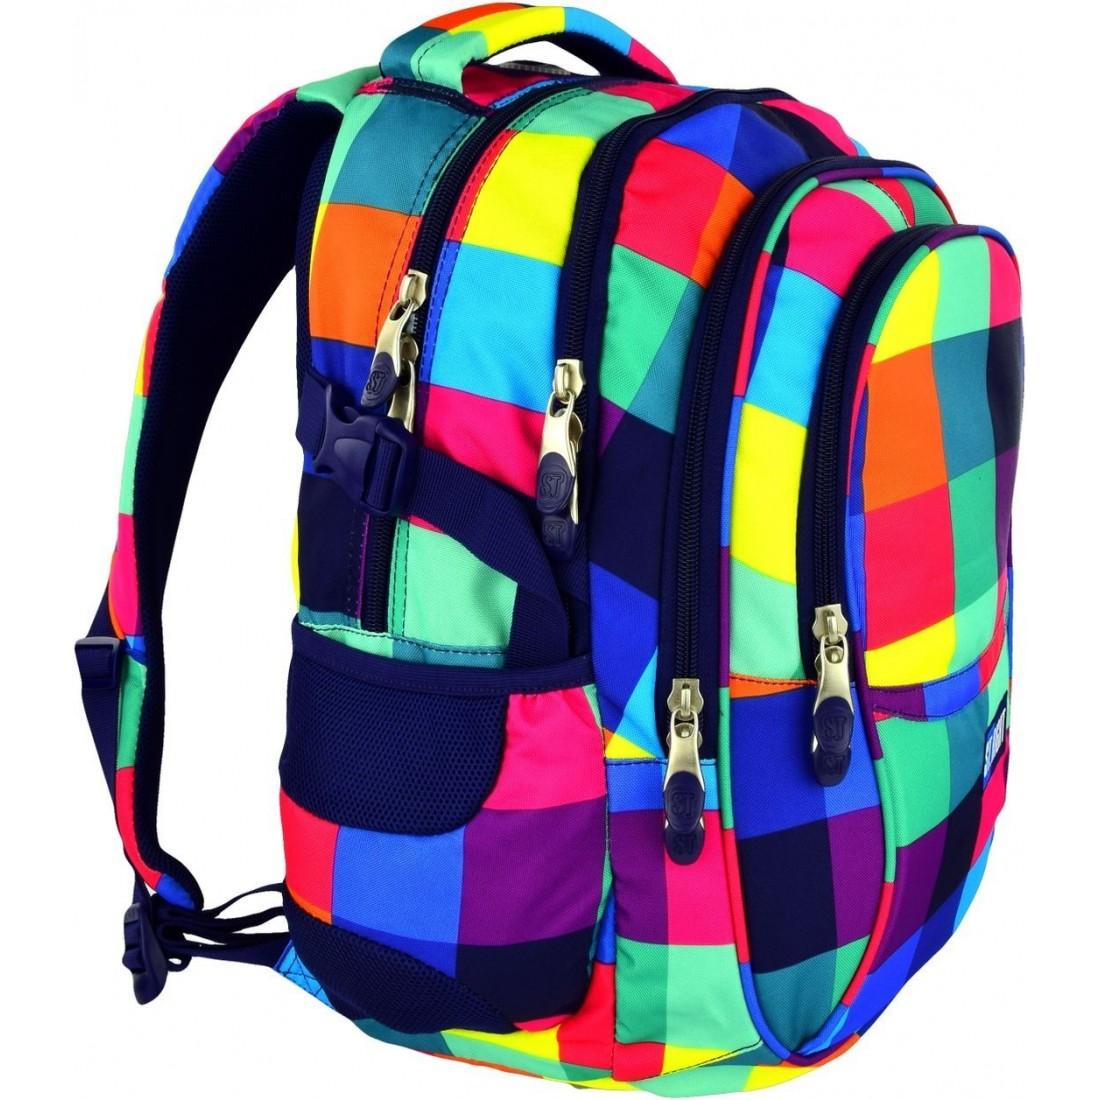 984ef1ee2b9d2 Plecak szkolny na laptop ST.RIGHT MAXI SQUARES dla dziewczynki ...